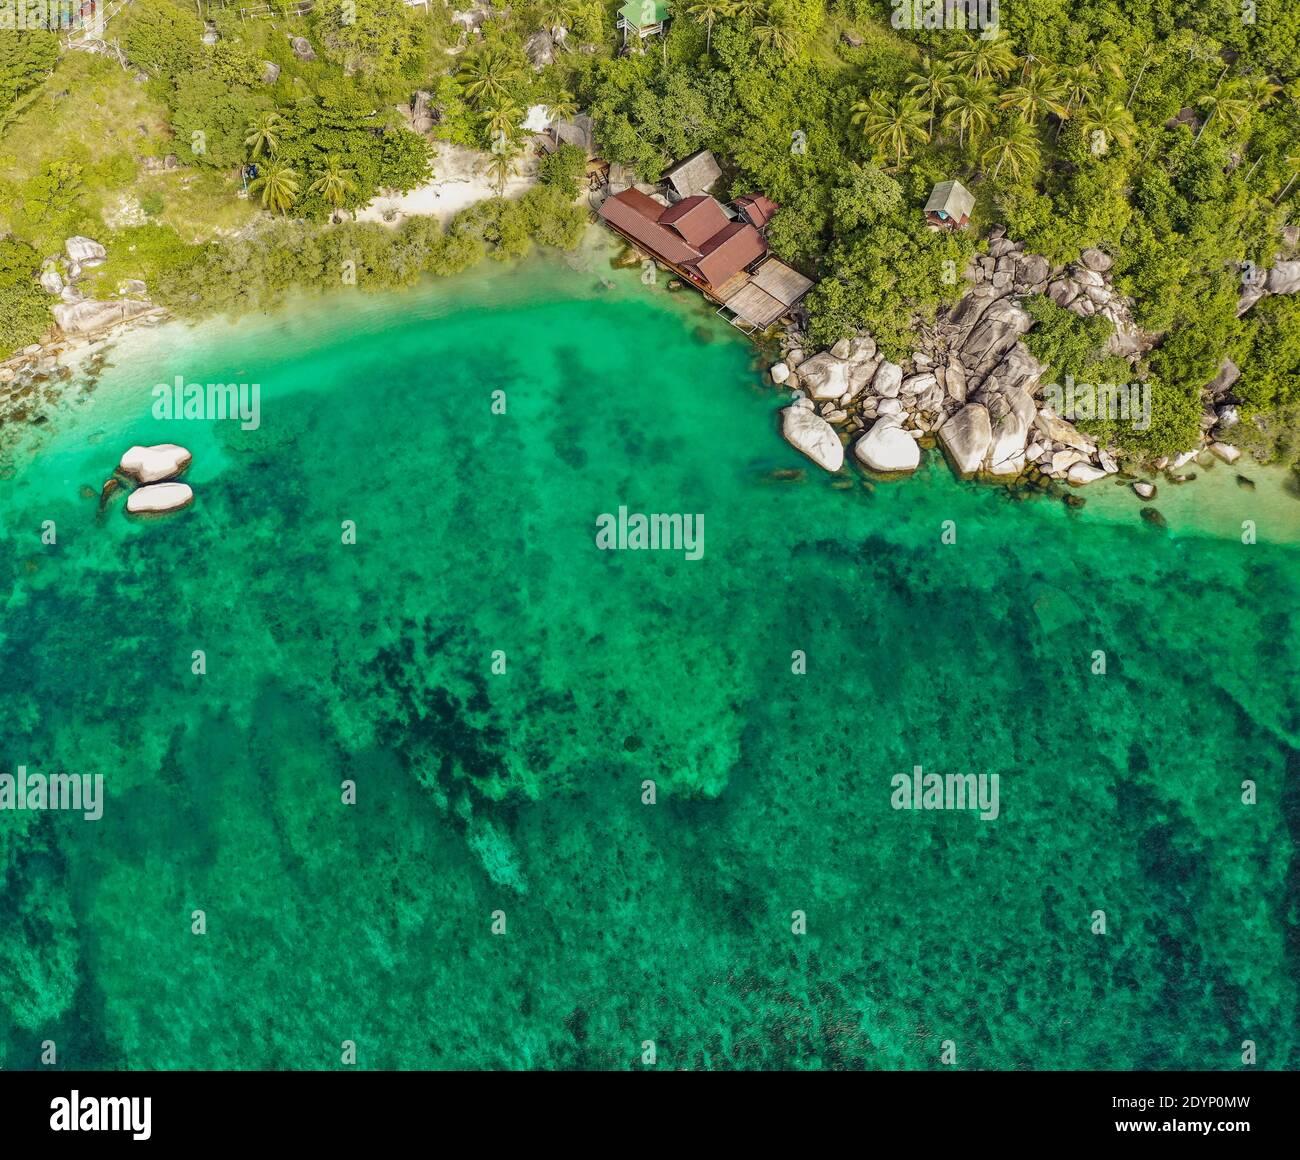 Vista aérea de Koh Tao, provincia de Samui, Tailandia, sudeste de Asia Foto de stock